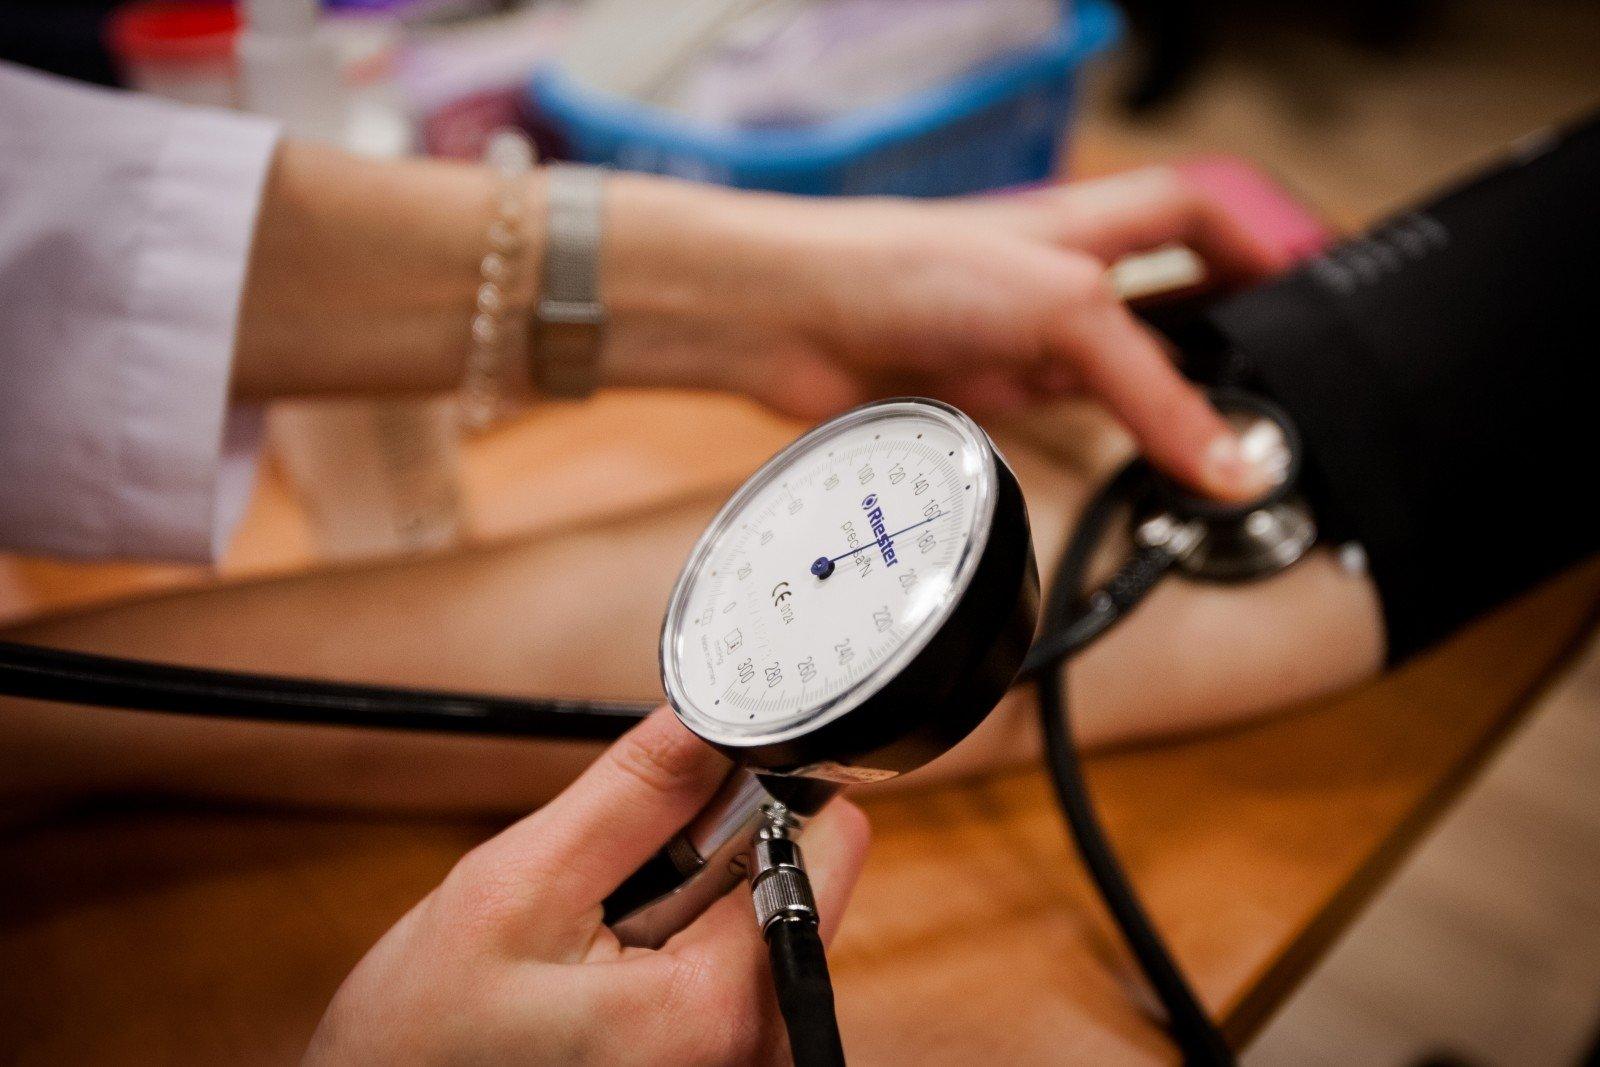 Savanoriai rečiau serga hipertenzija | taksi-ag.lt